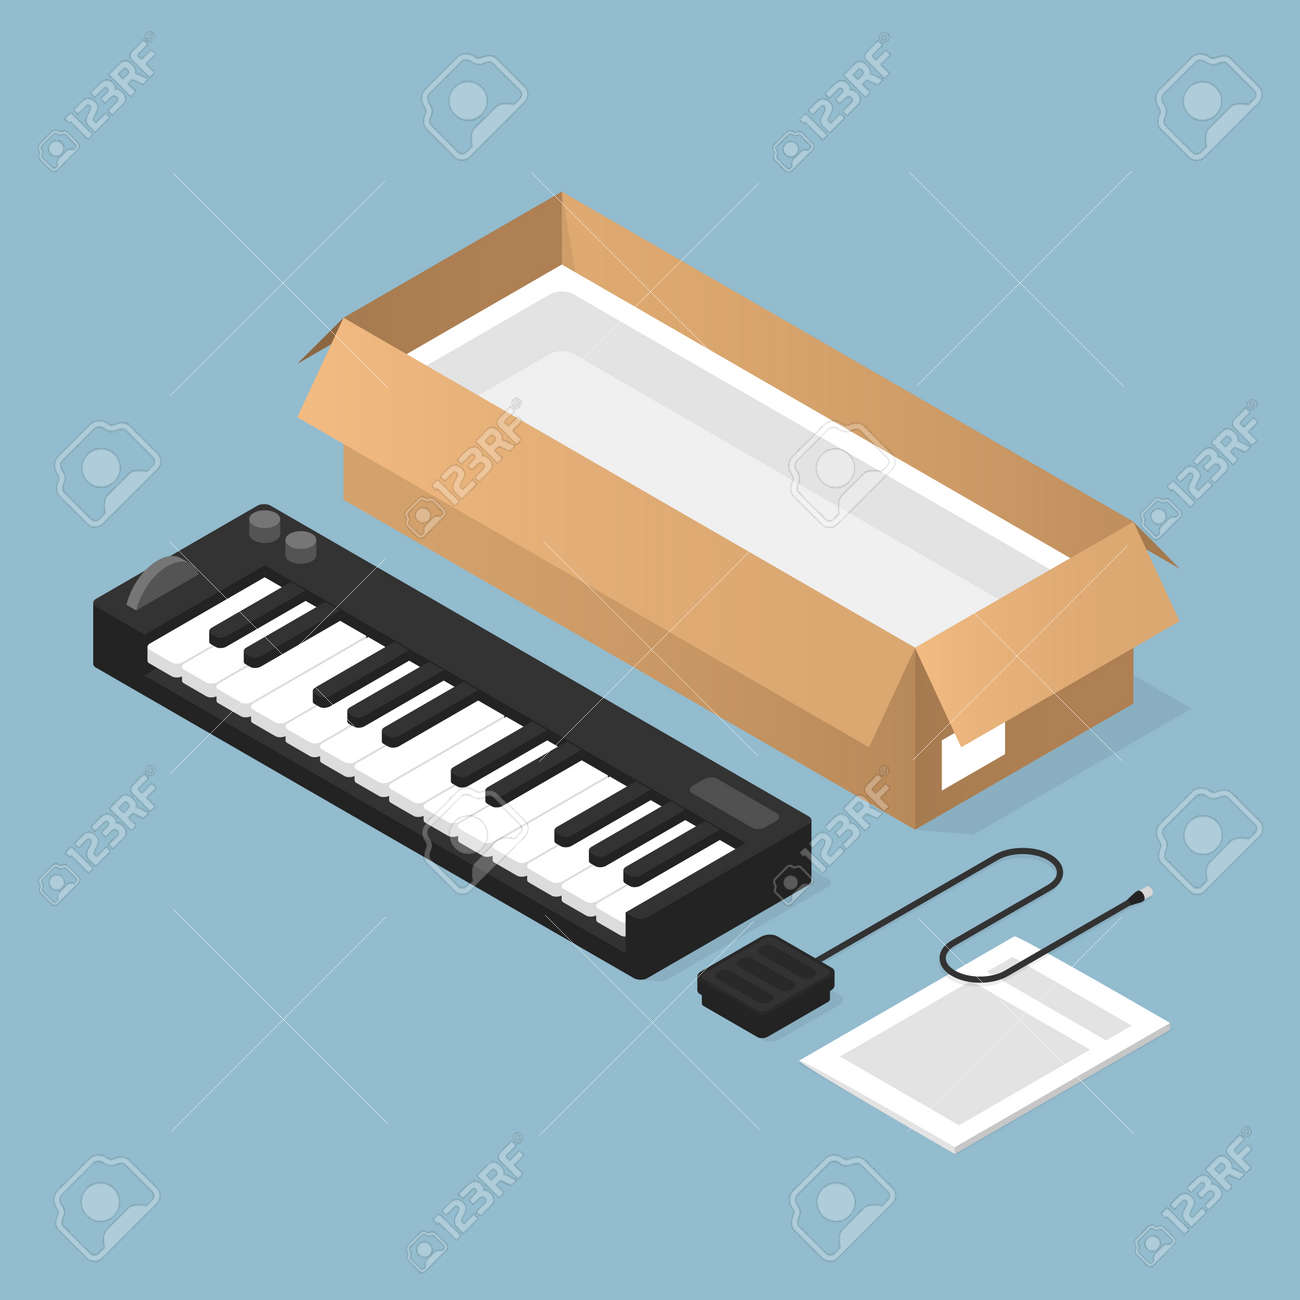 Unboxing New Keyboard Isometric Illustration - 164779848